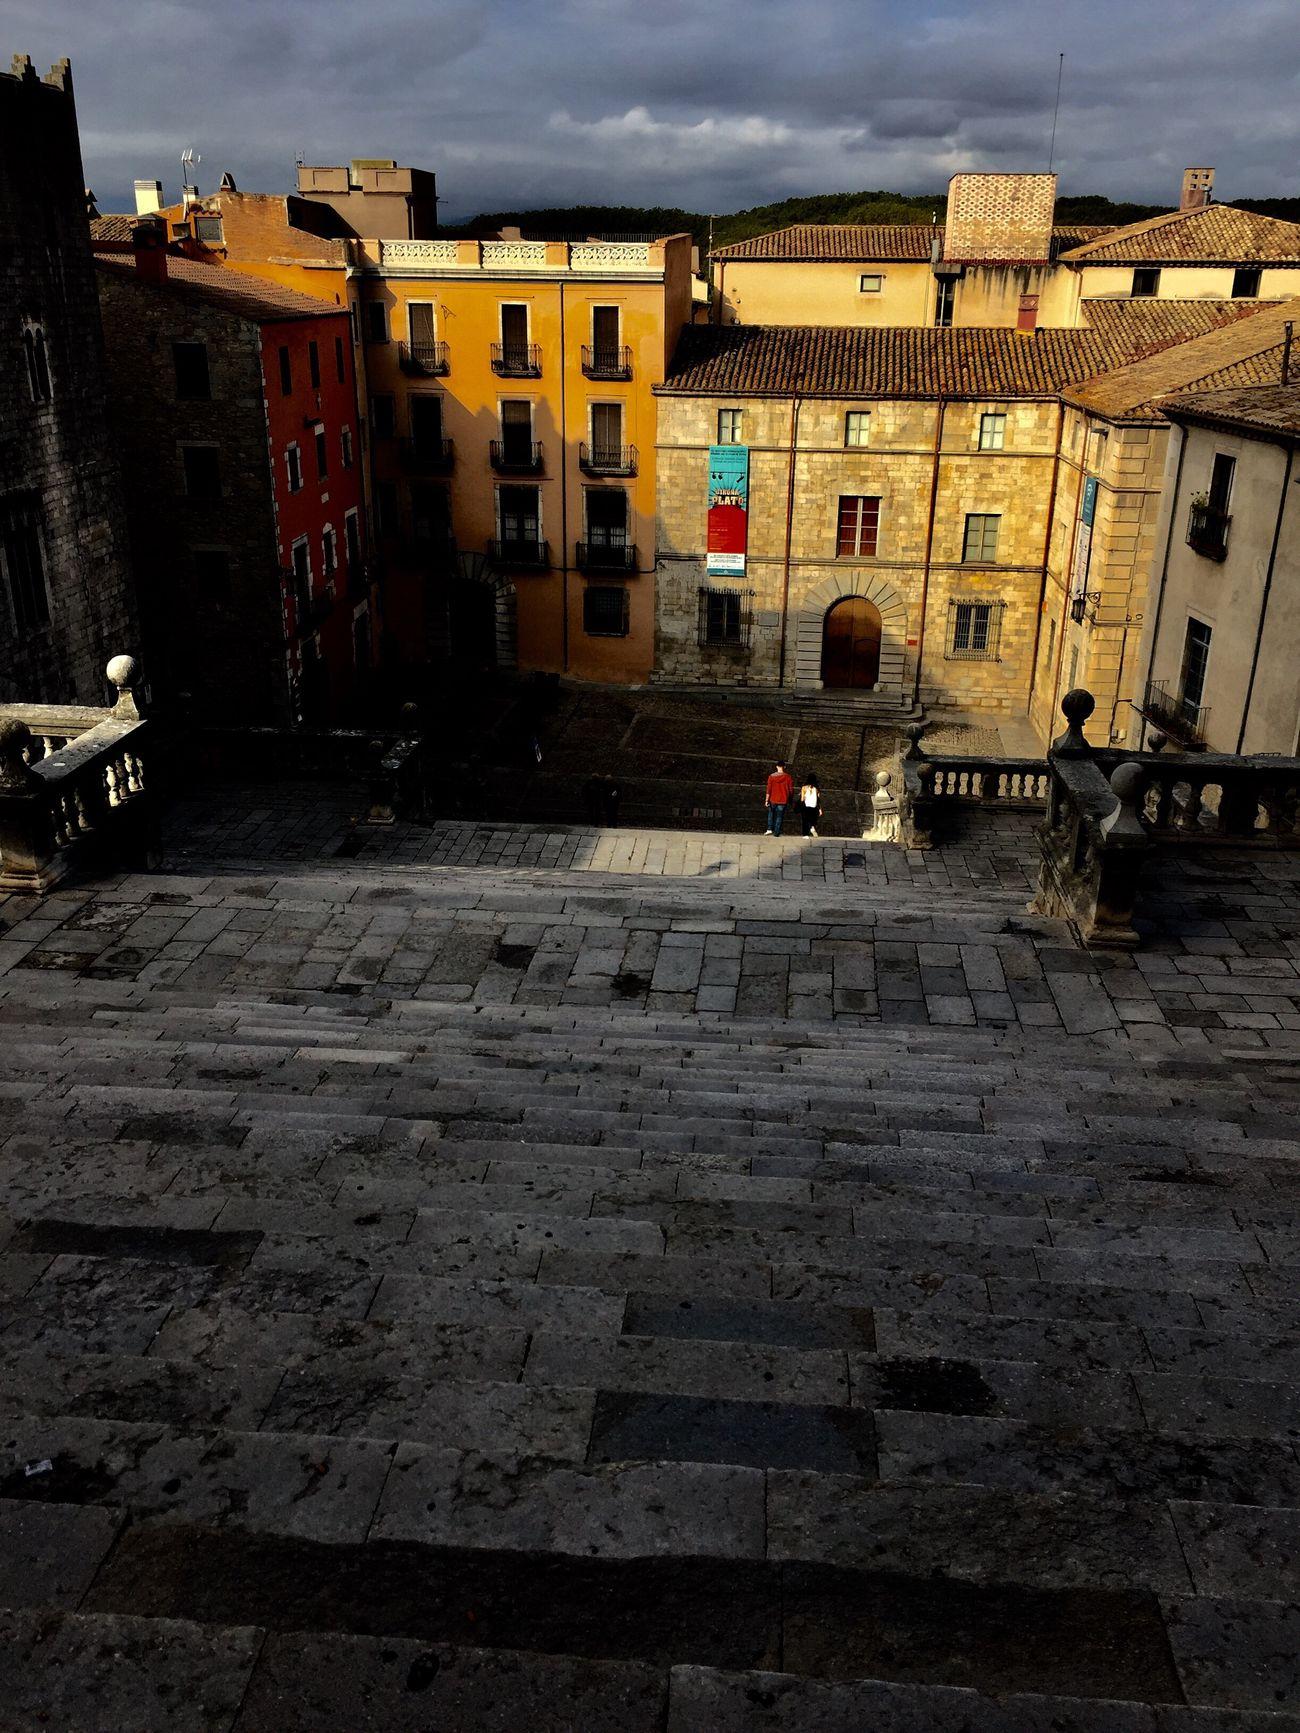 Stairs Gironamenamora Architecture Relax Time